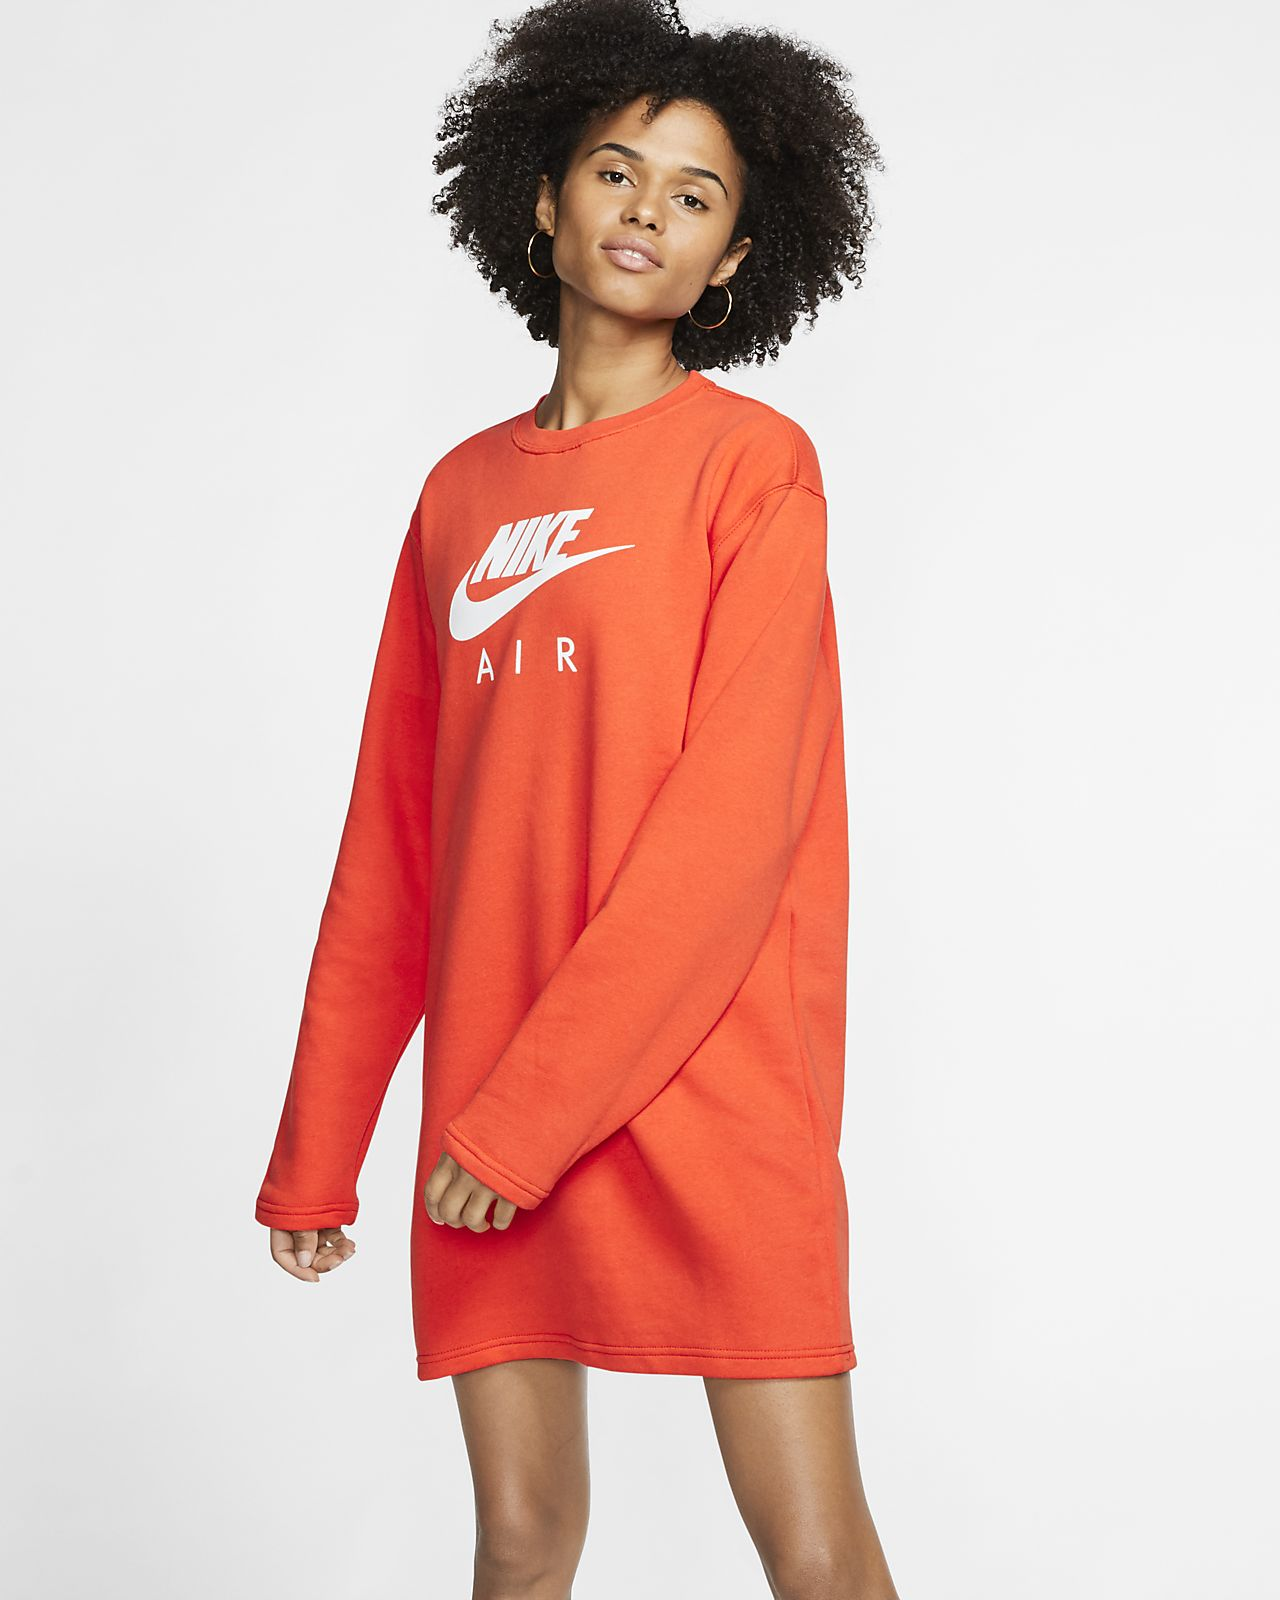 Fleeceklänning Nike Air för kvinnor